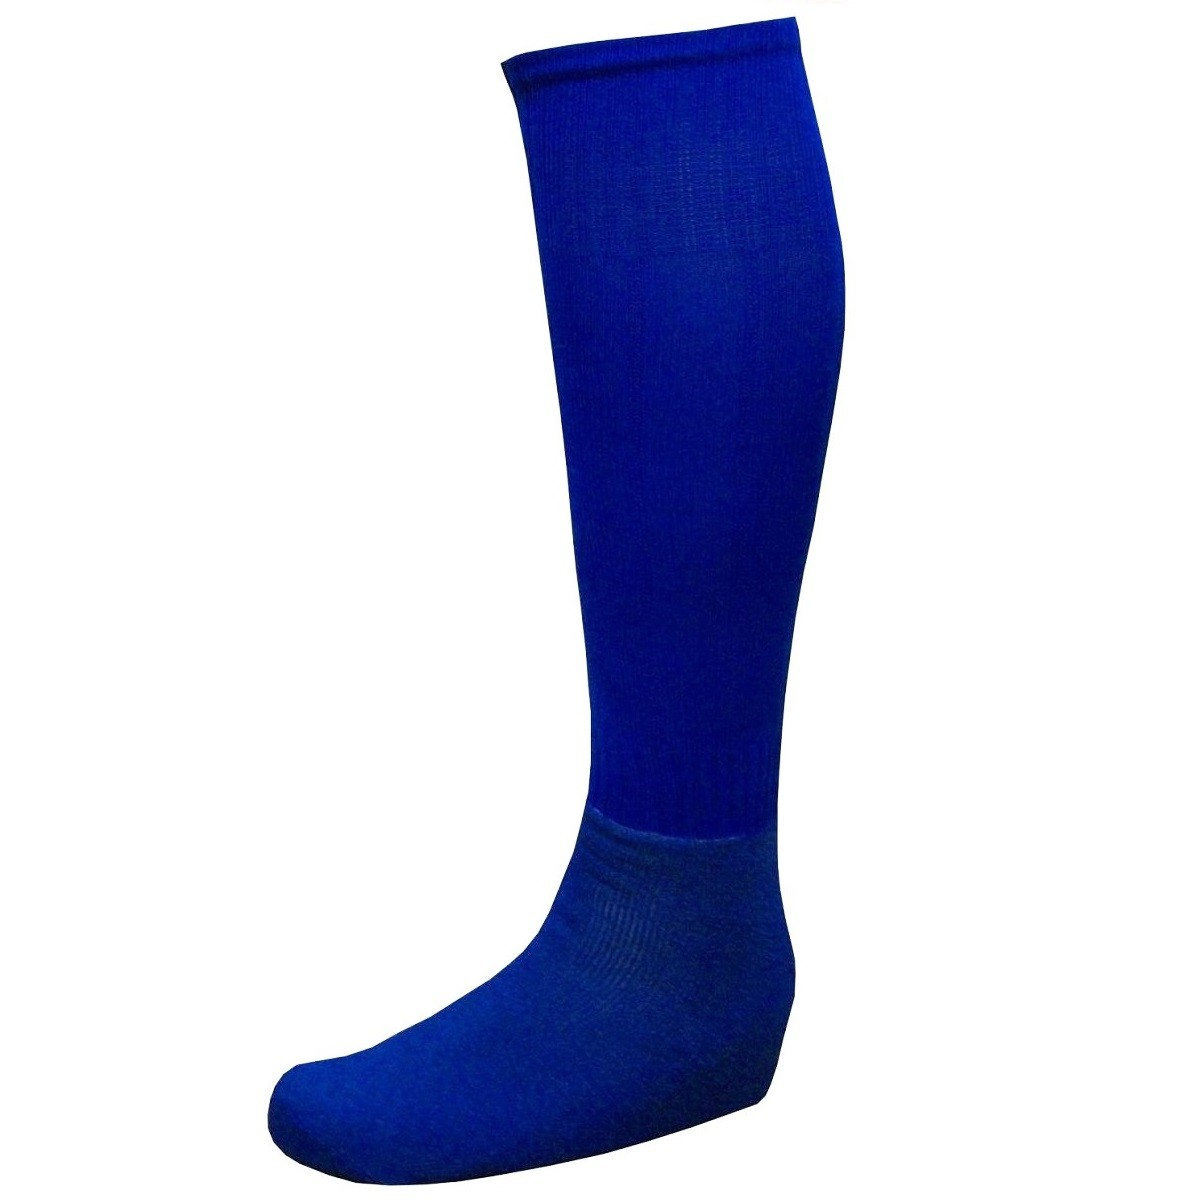 Meião de Futebol Tradicional Reforçado Azul Royal - Delfia